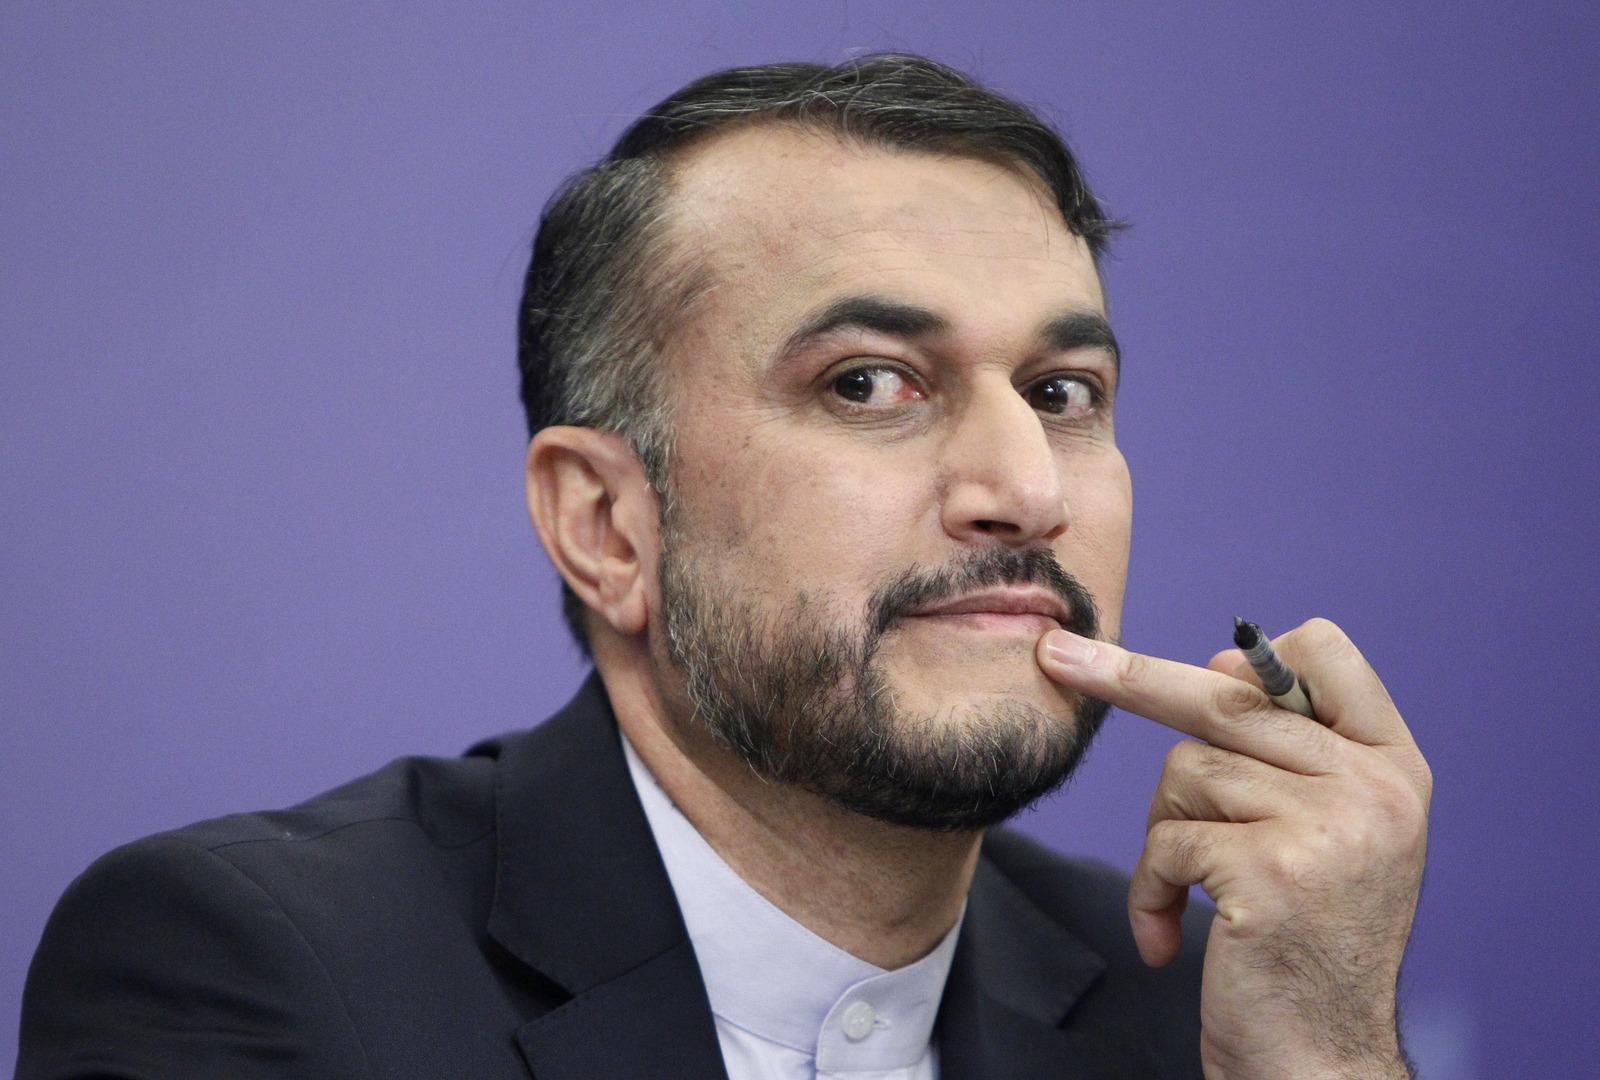 عبد اللهيان: بن فرحان أكد لي أن الرياض تنتظر استقرار الحكومة الإيرانية لاستئناف التواصل مع طهران